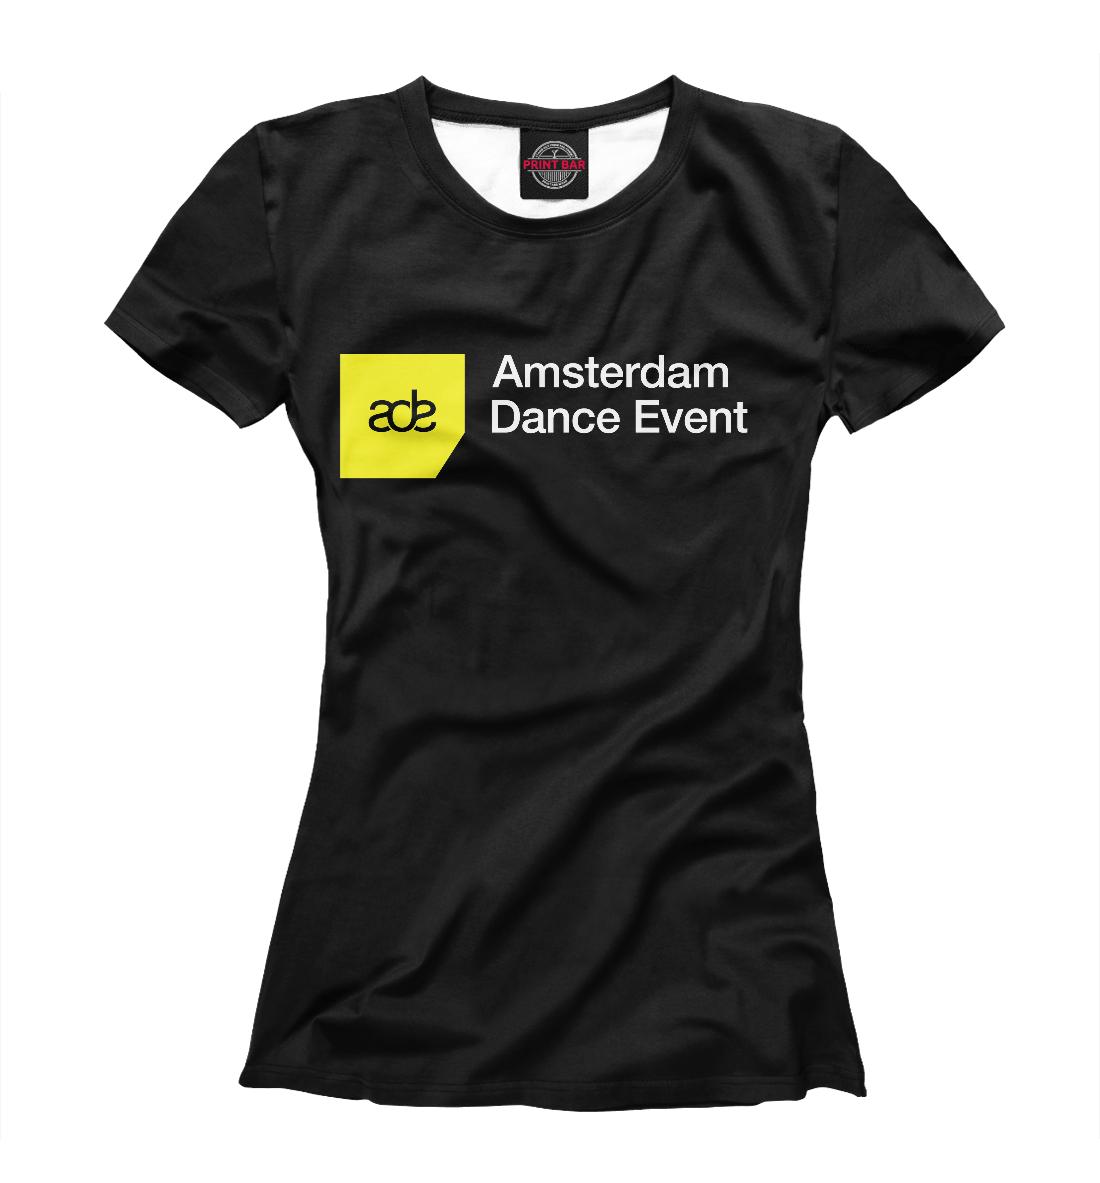 Купить Amsterdam Dance Event, Printbar, Футболки, DJS-406901-fut-1